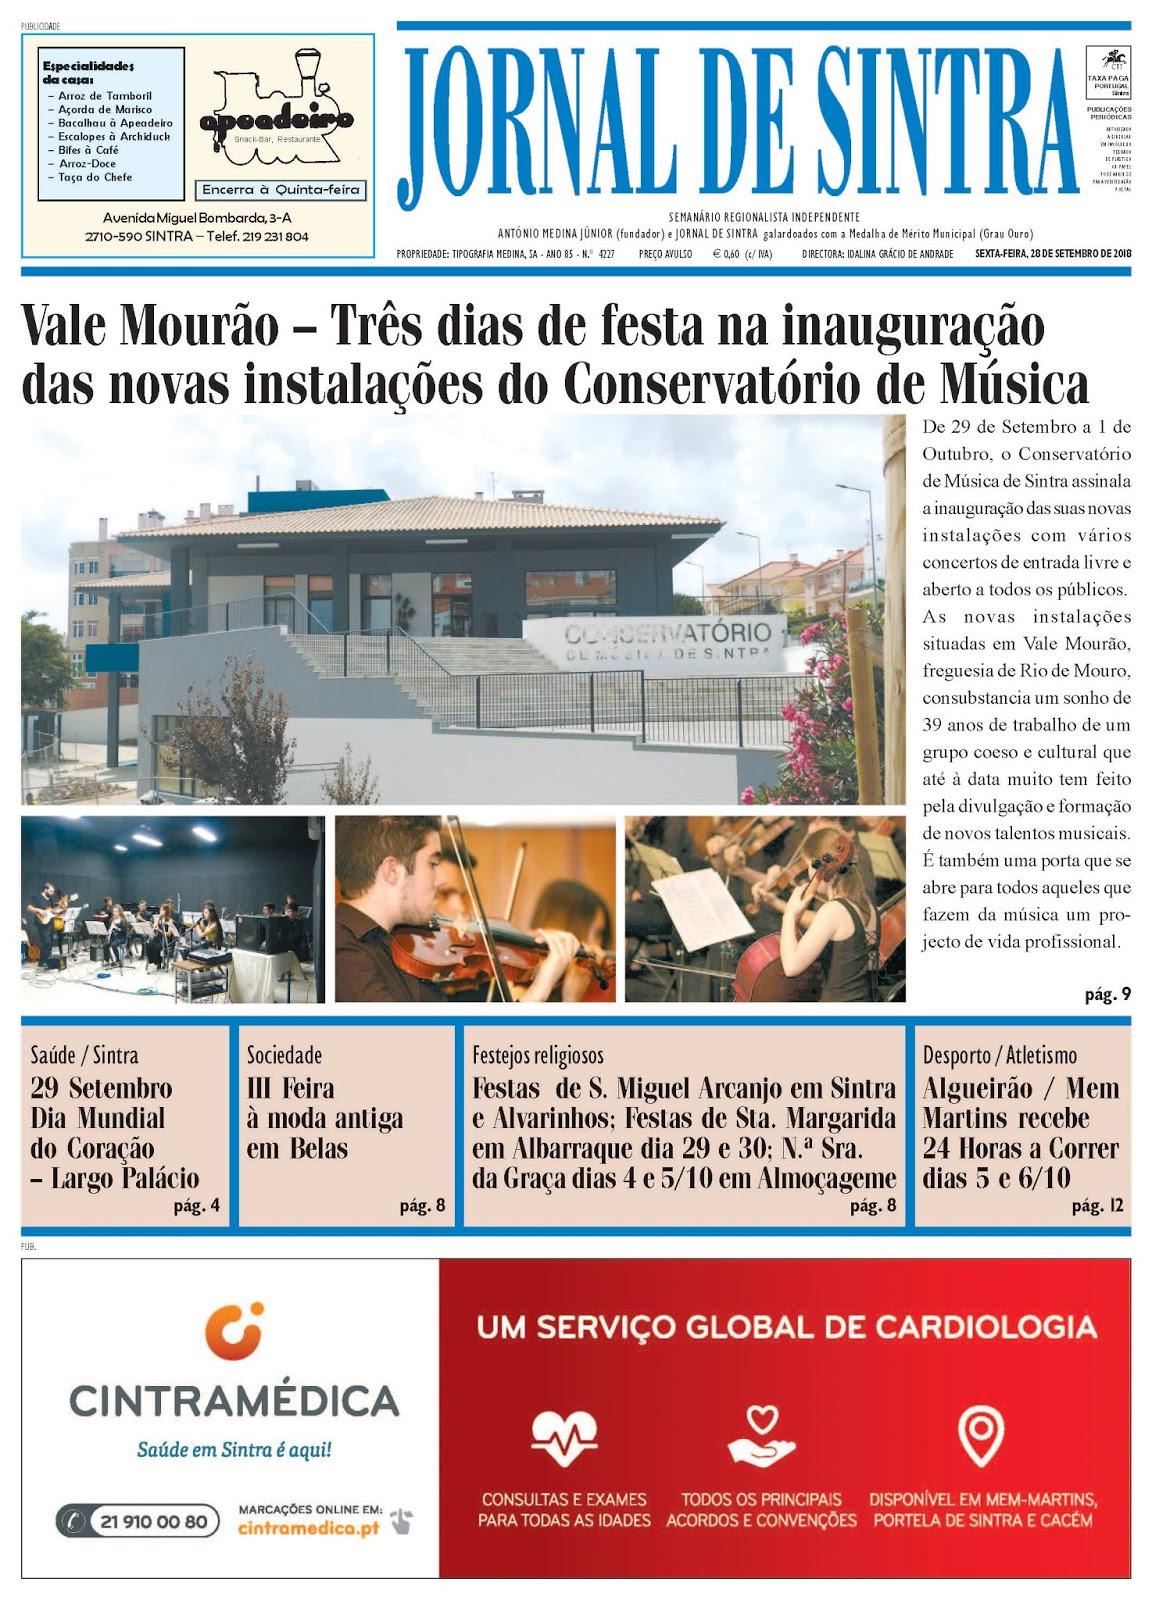 Capa da edição de 28-09-2018